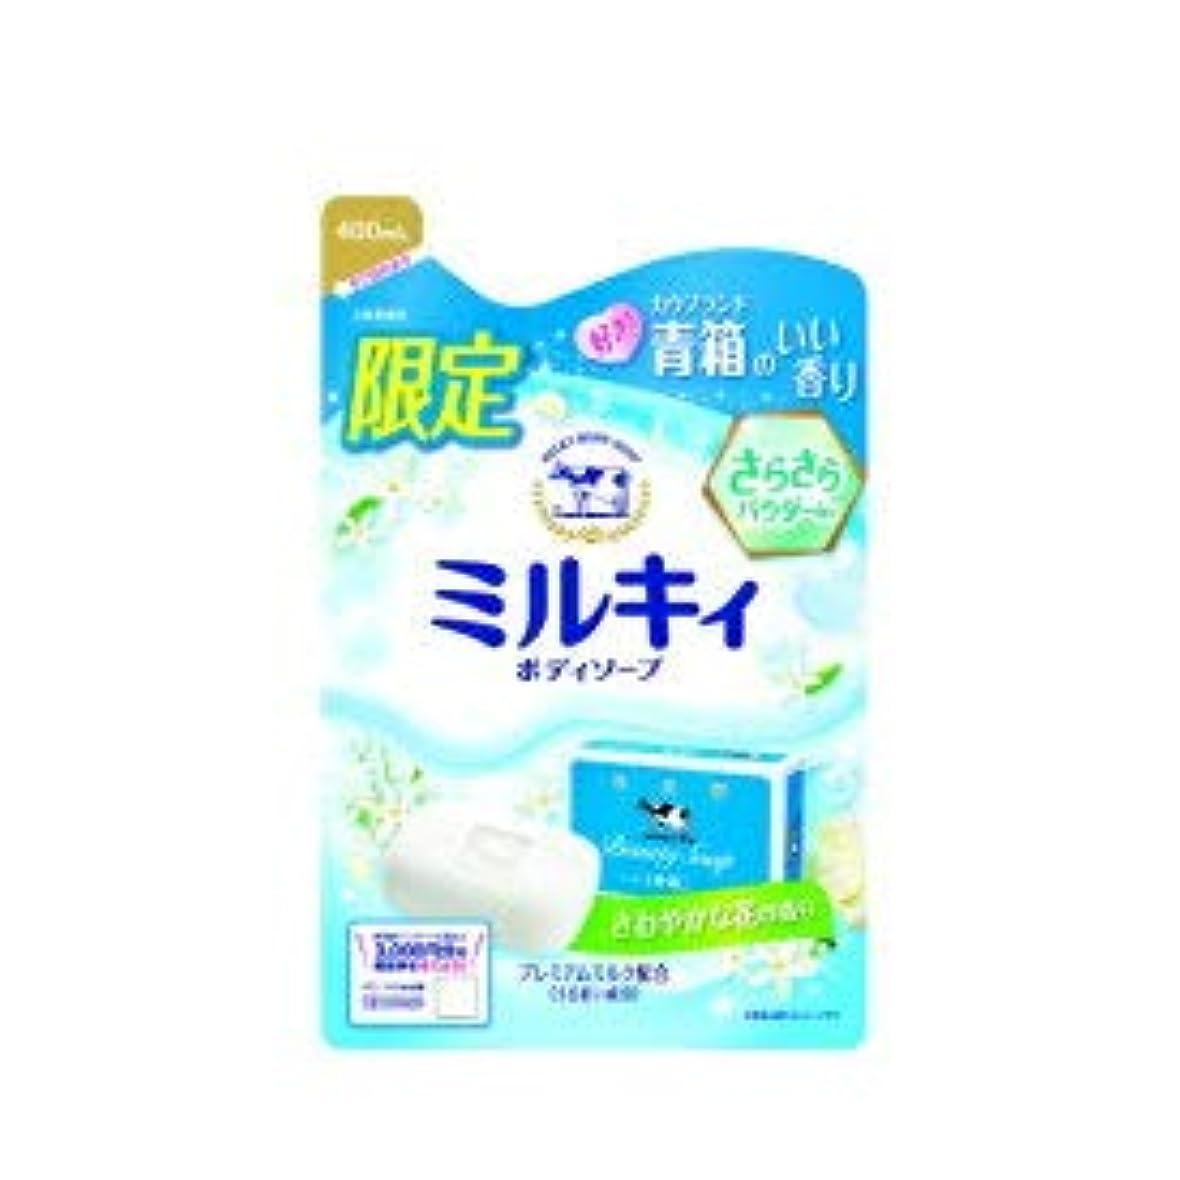 砲撃石油強化【限定】ミルキィボディソープ 青箱の香り 詰替 400ml